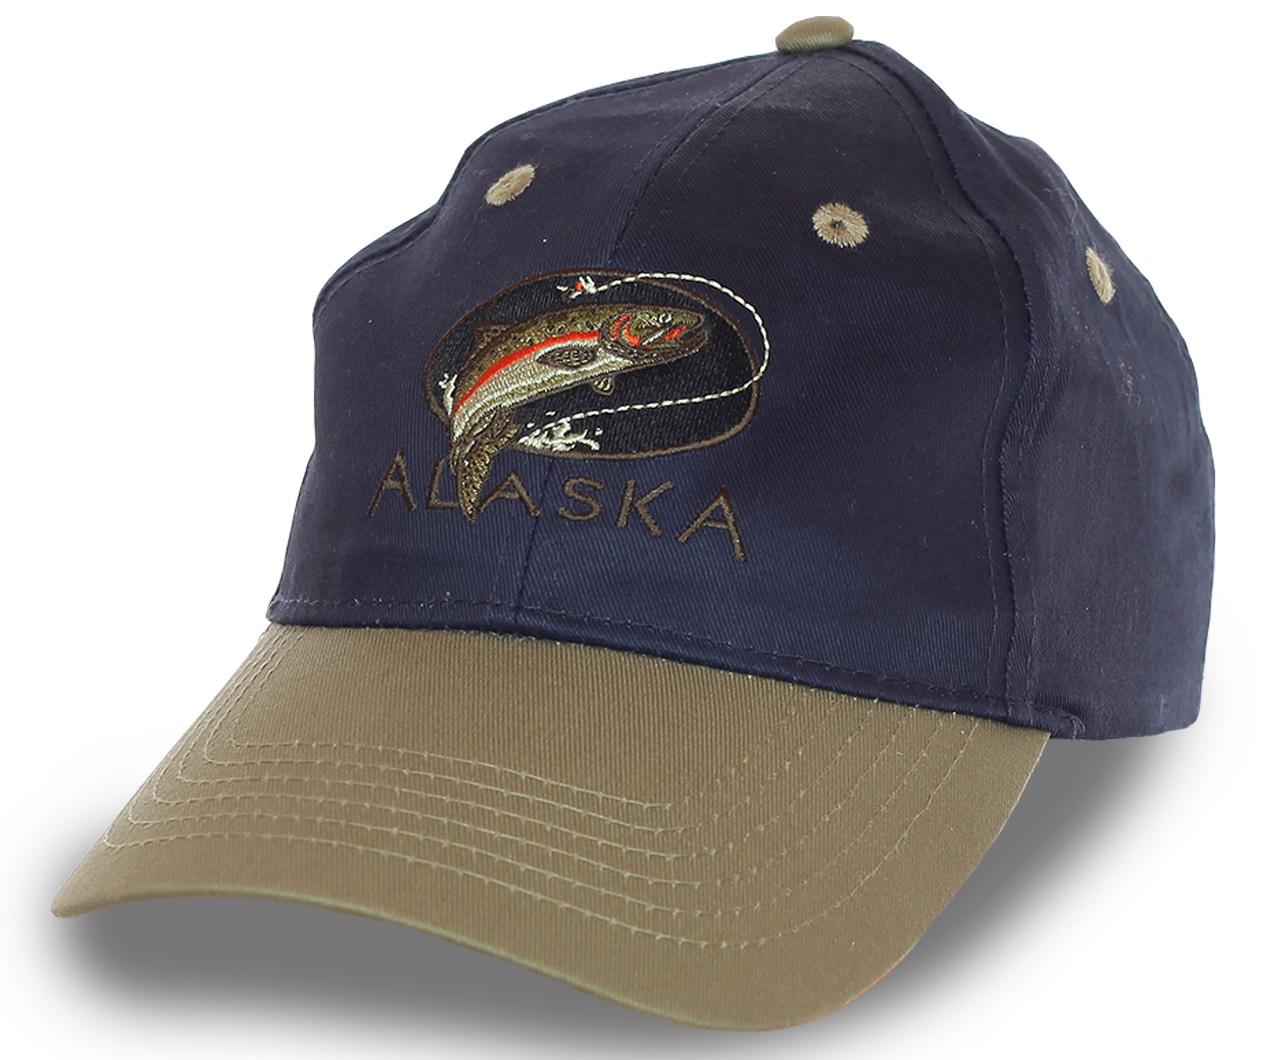 Бейсболка Alaska с рыболовной тематикой. Модель для тех, кто понимает, что рыбалка – это самый трудоёмкий способ расслабиться